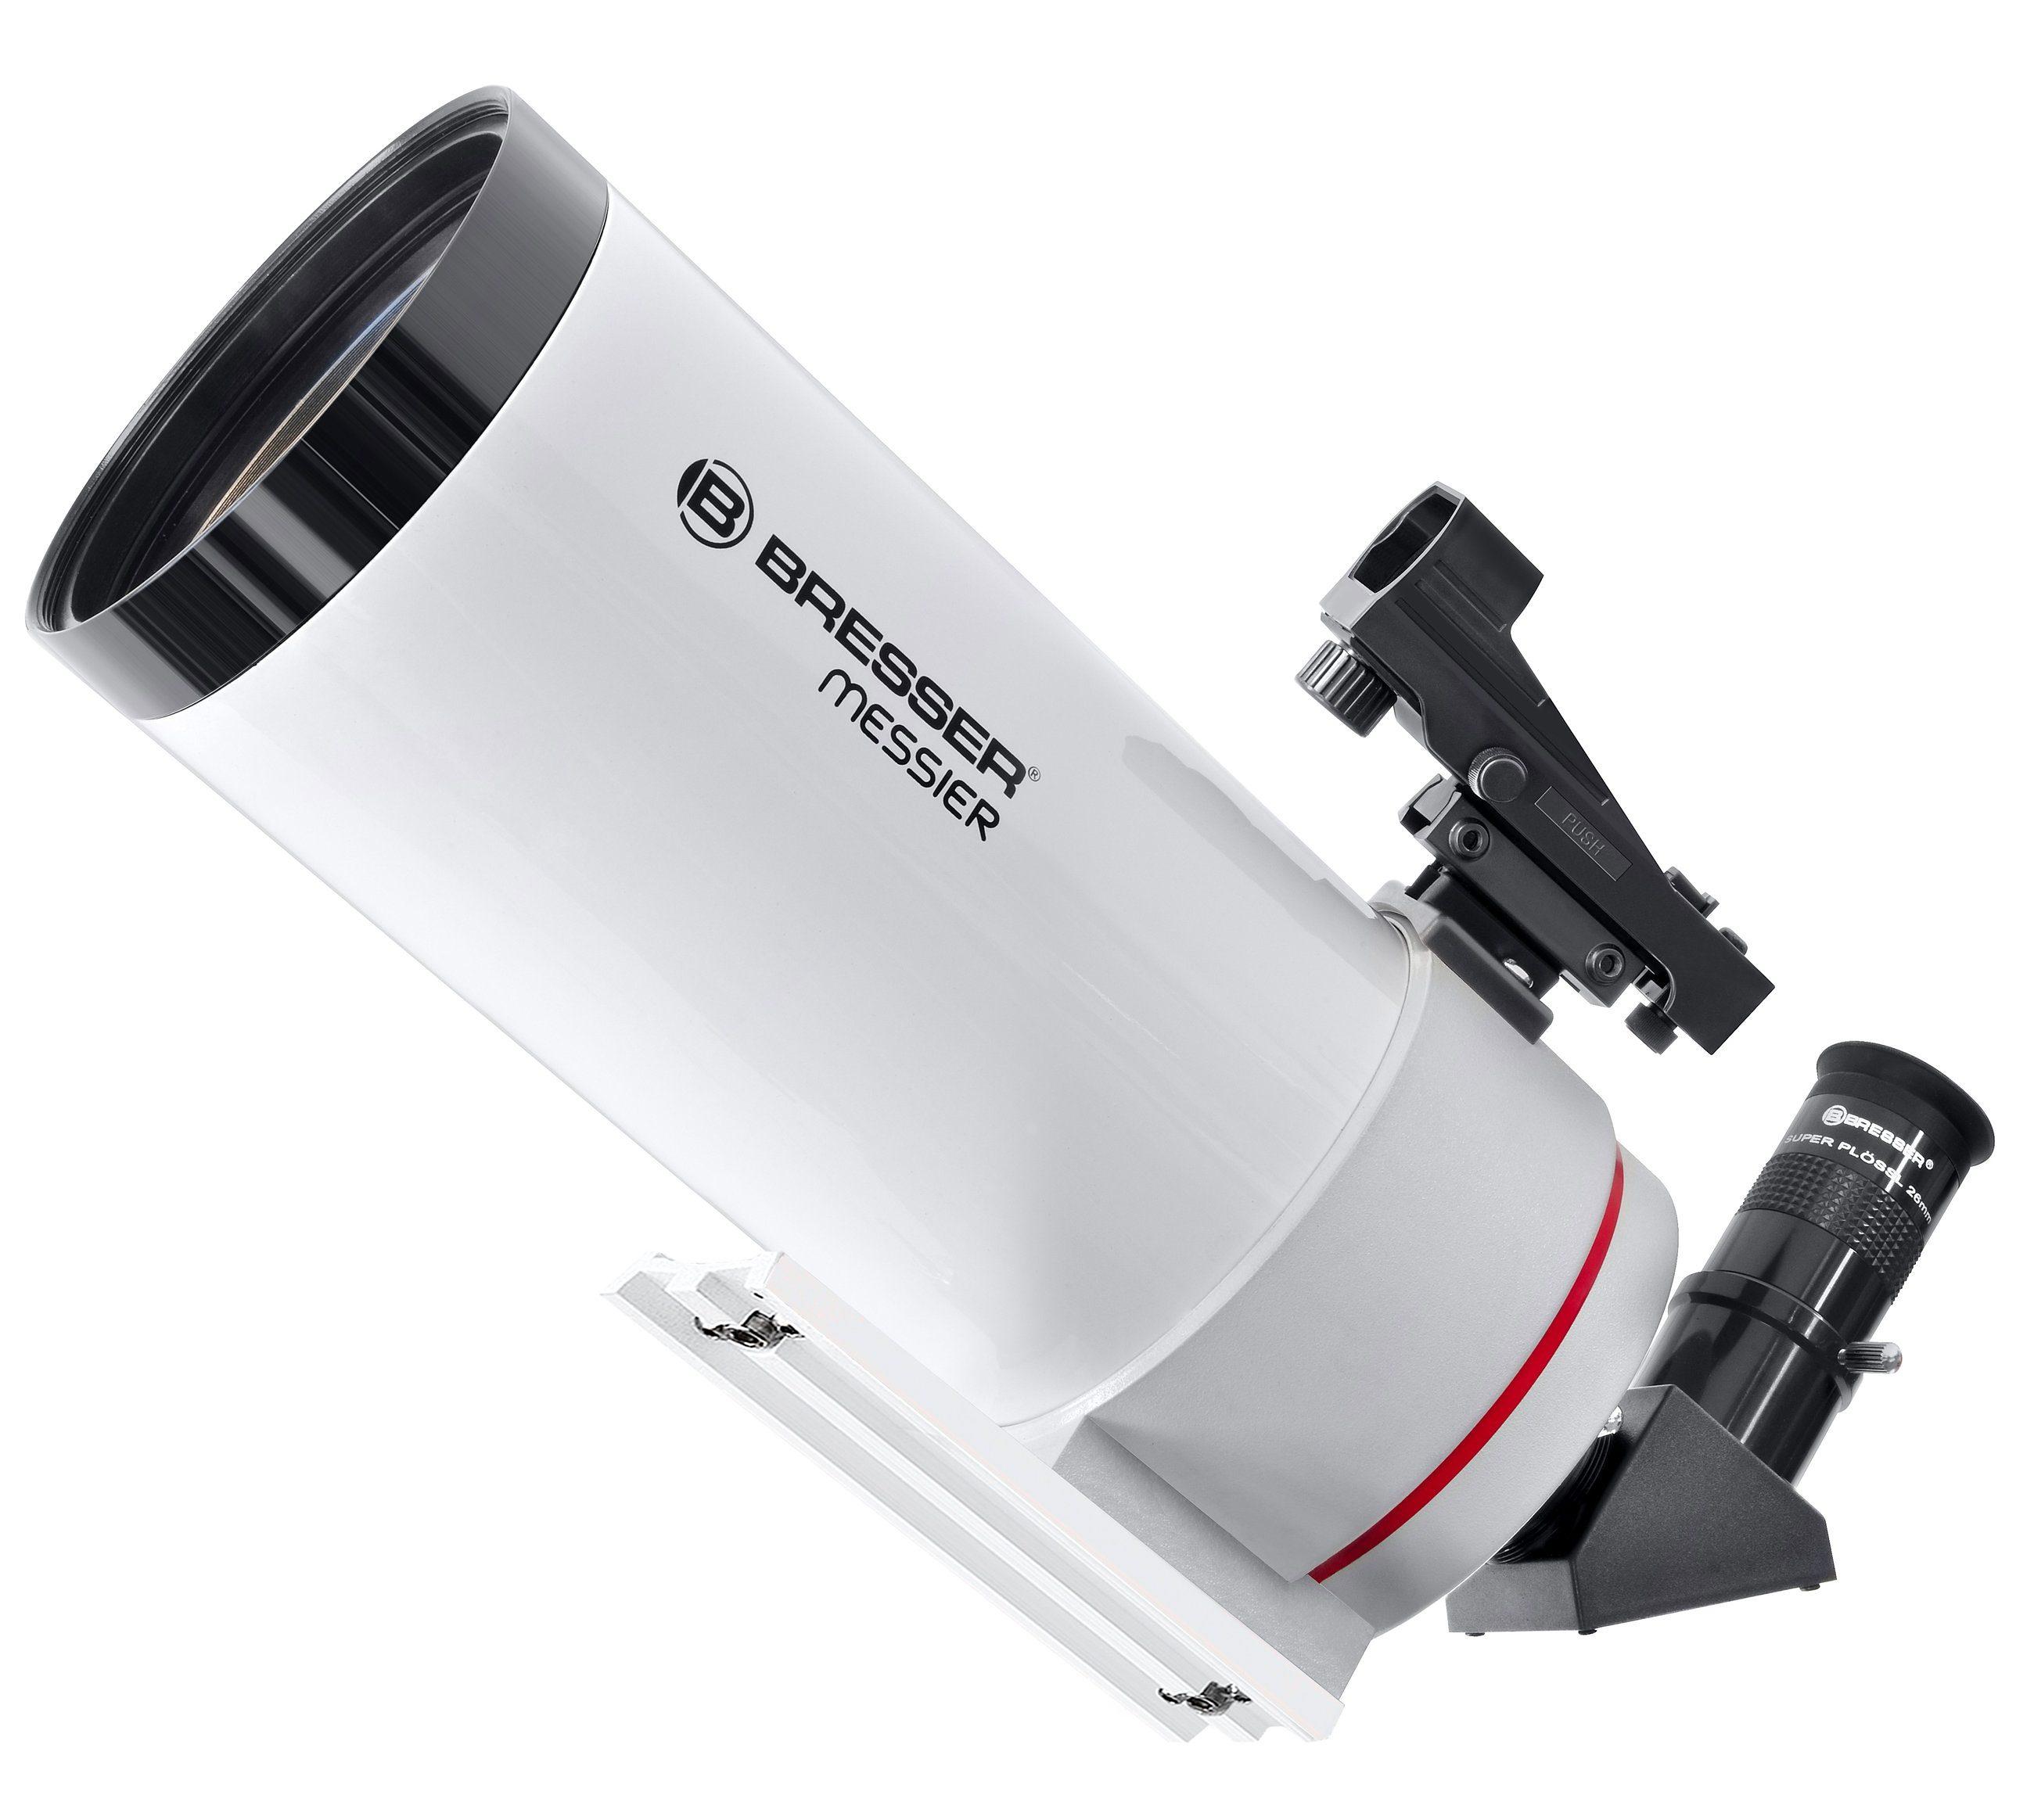 BRESSER Teleskop »BRESSER Messier MC-100/1400 OTA Optischer Tubus«